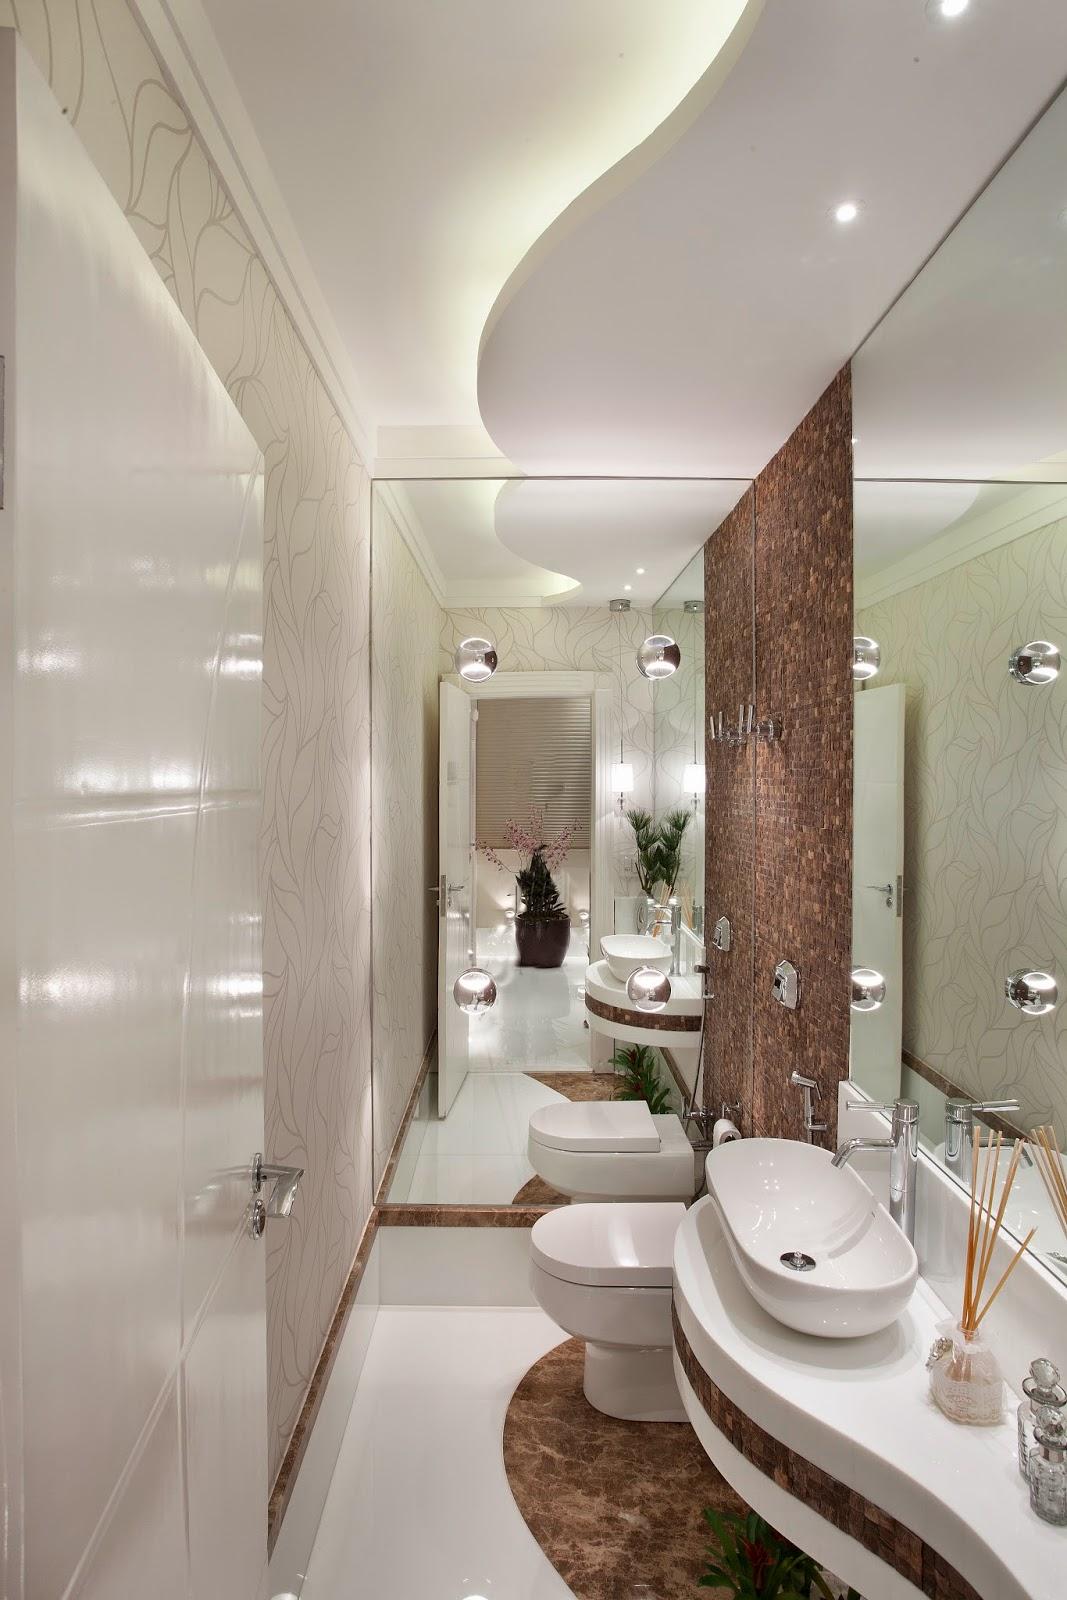 30 Lavabos pequenos e modernos veja dicas de como ousar e decorar  #3C2B1B 1067x1600 Bancada Banheiro Vermelha